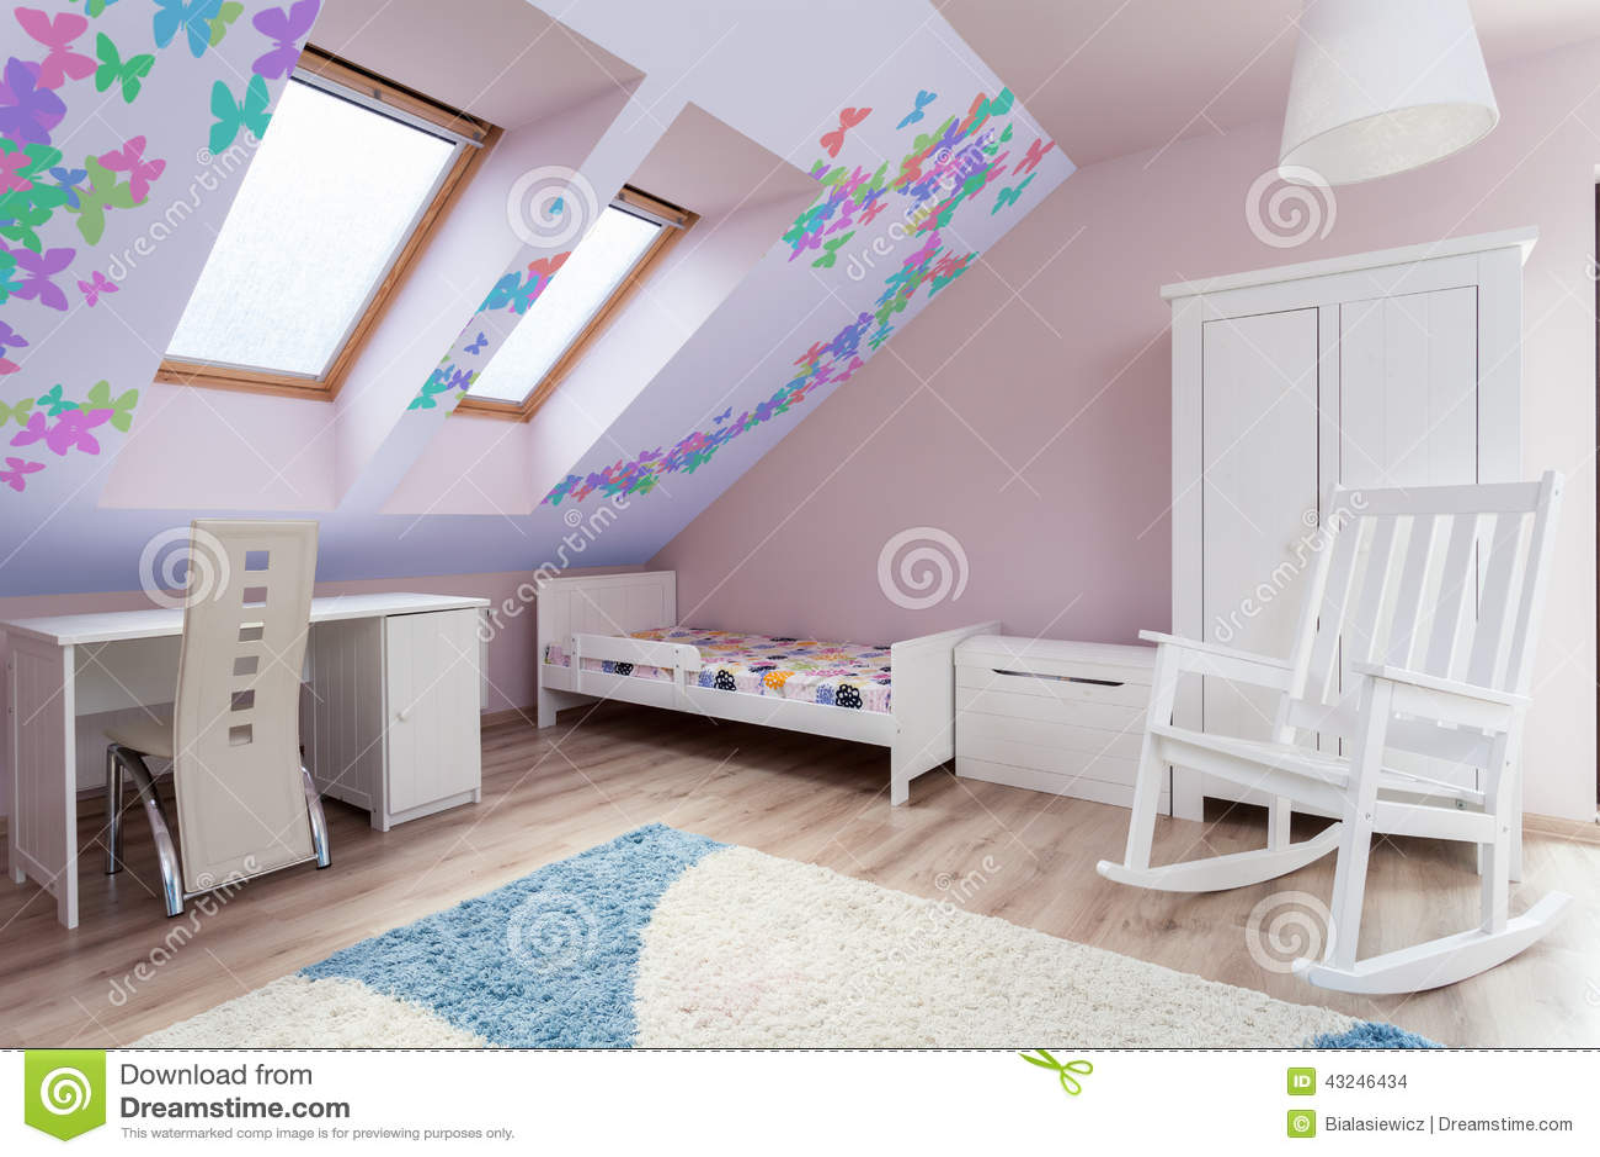 Kleurrijke Ruimte In De Zolder Stock Foto - Afbeelding: 43246434